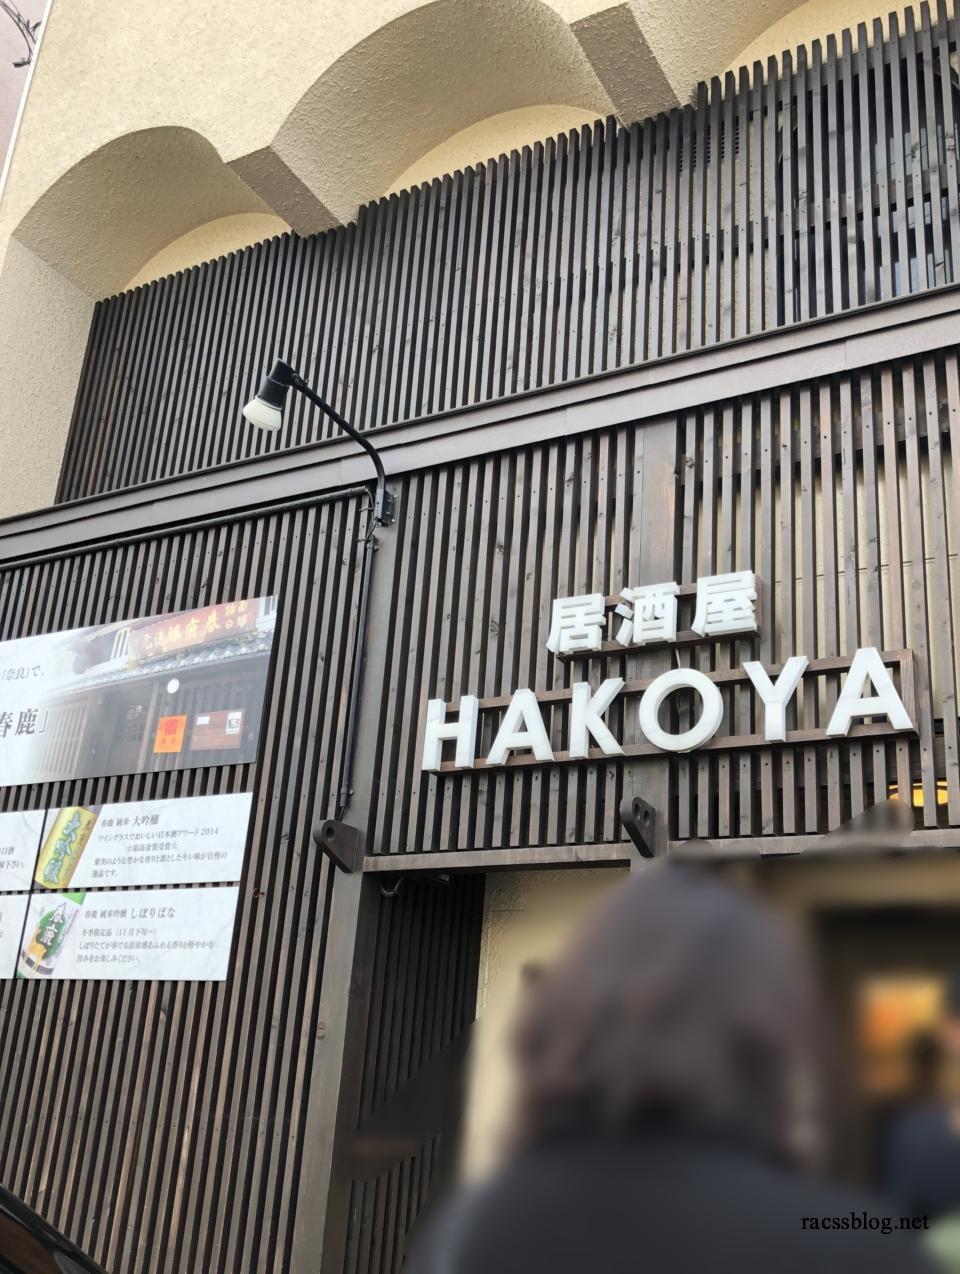 函館hakoya